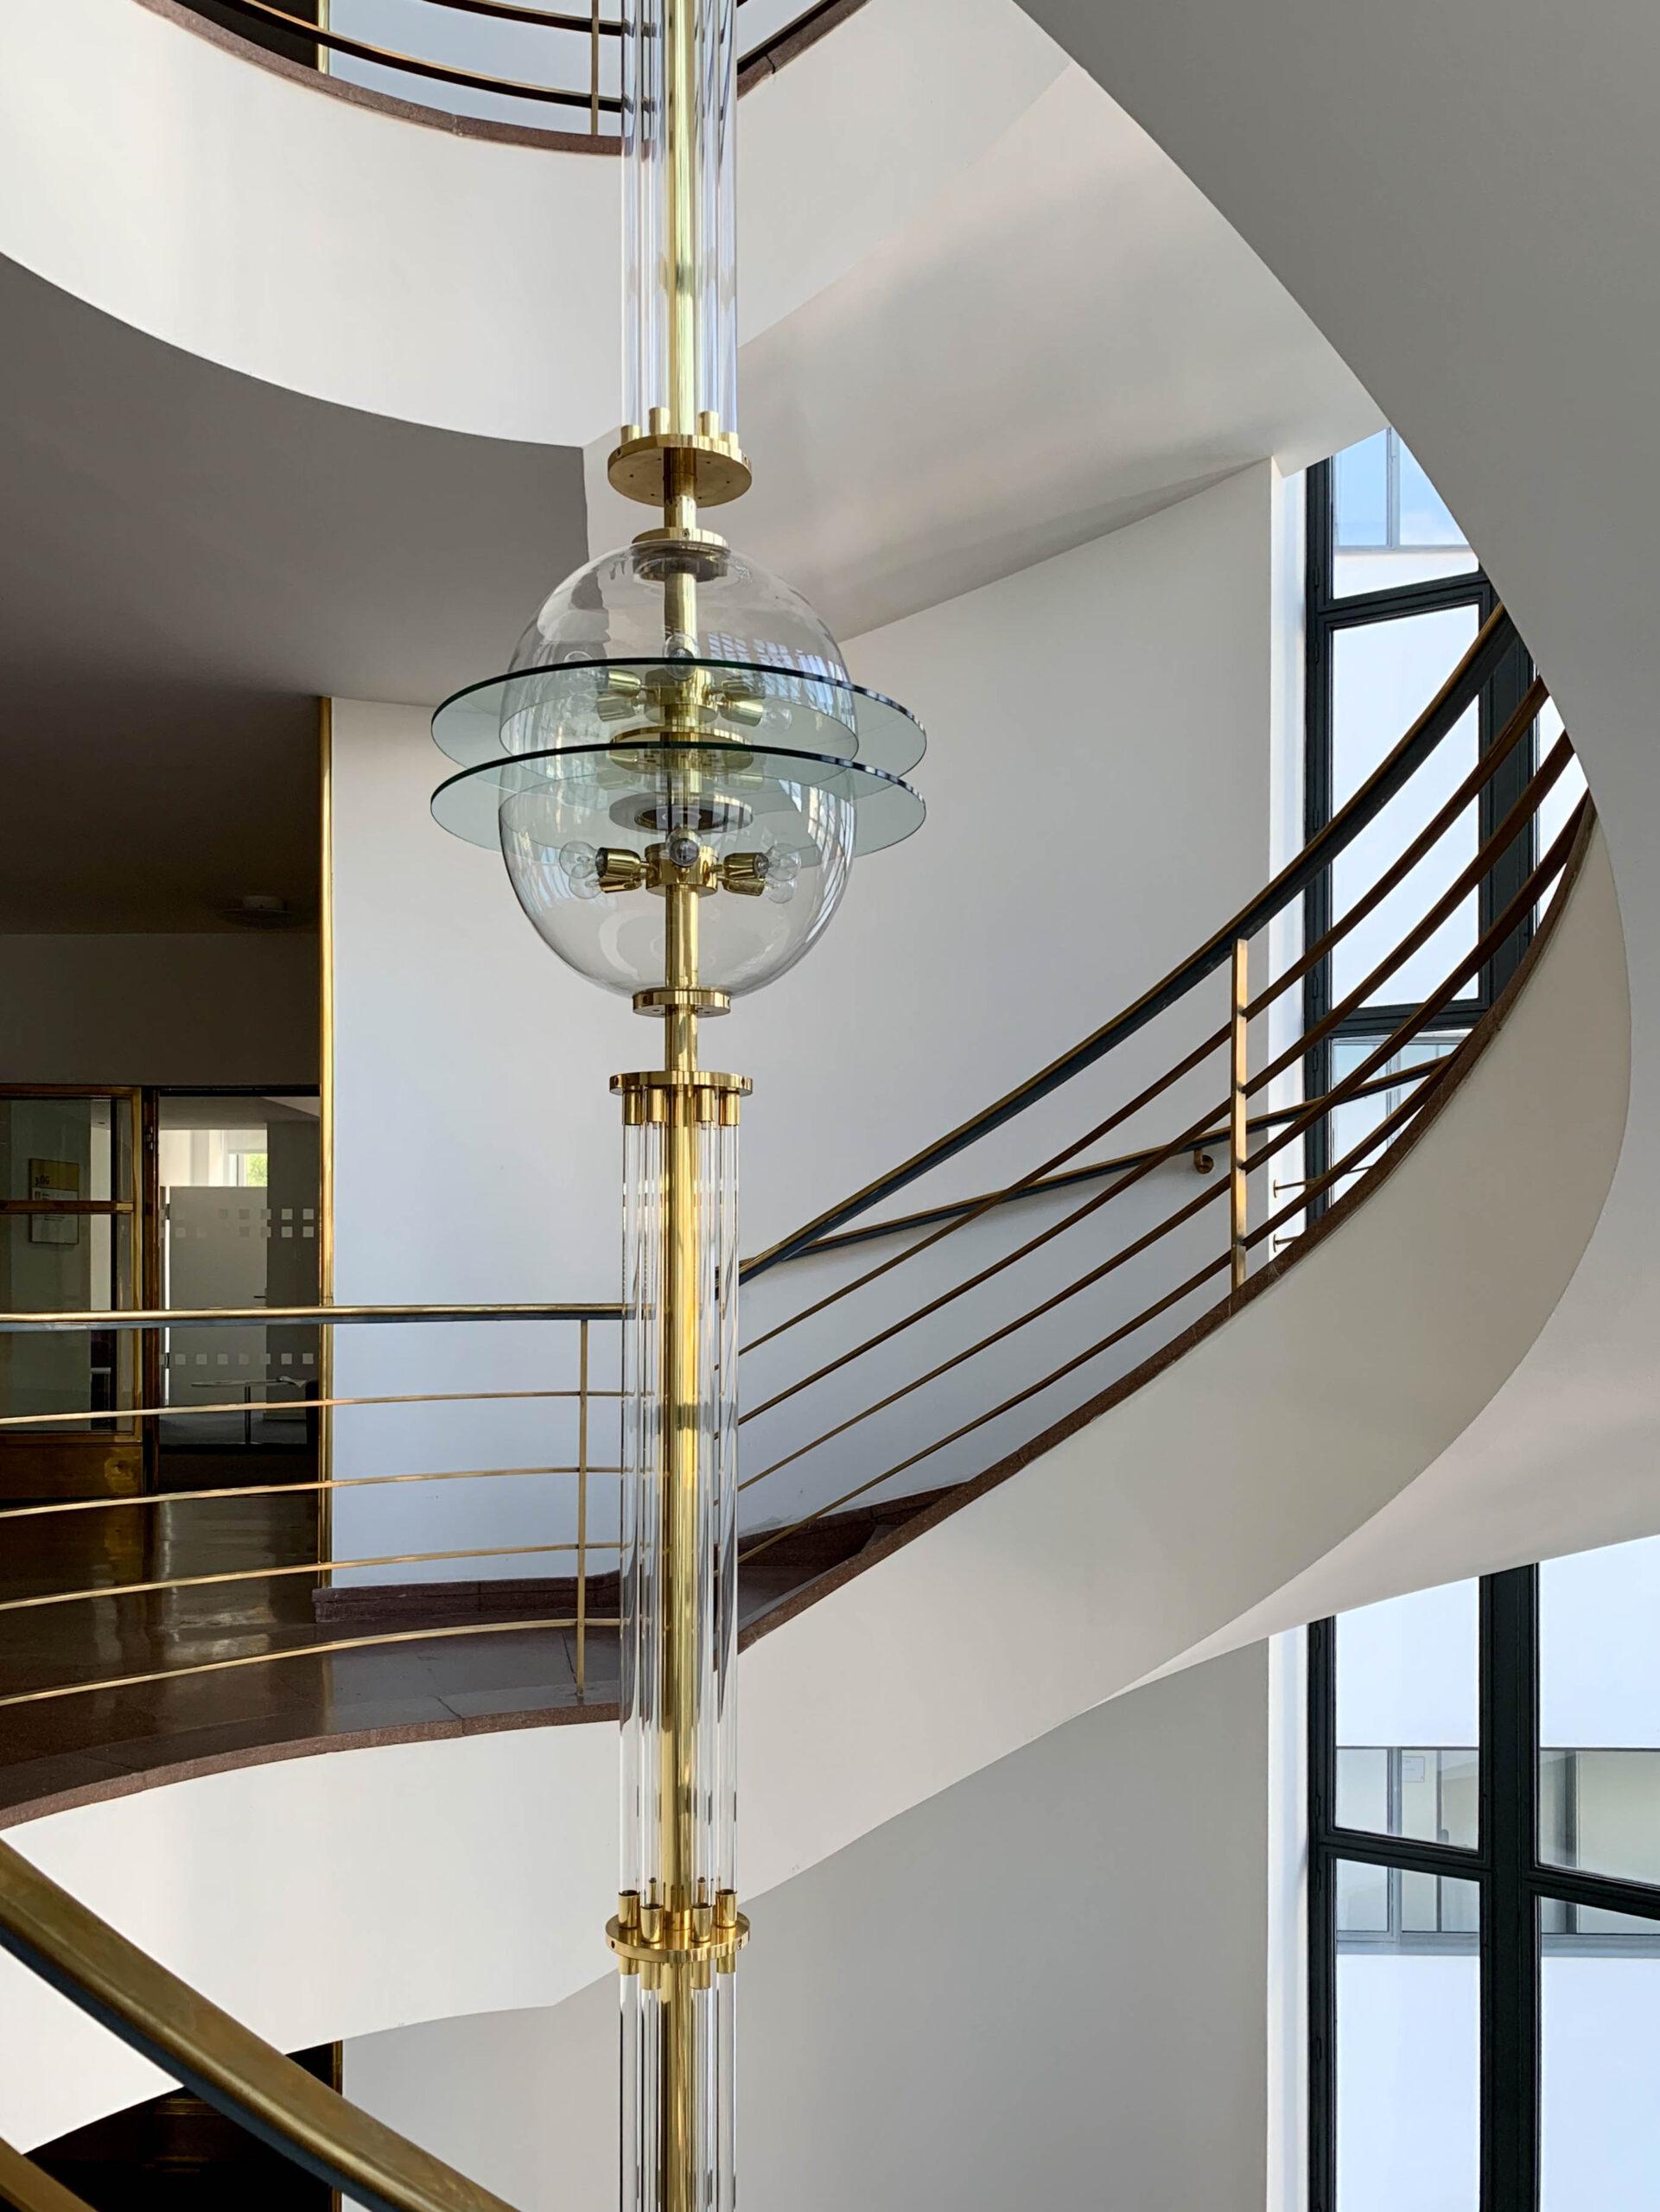 Haus des Deutschen Metallarbeiterverbandes, 1929-1930. Architects: Erich Mendelsohn, Rudolf Reichel